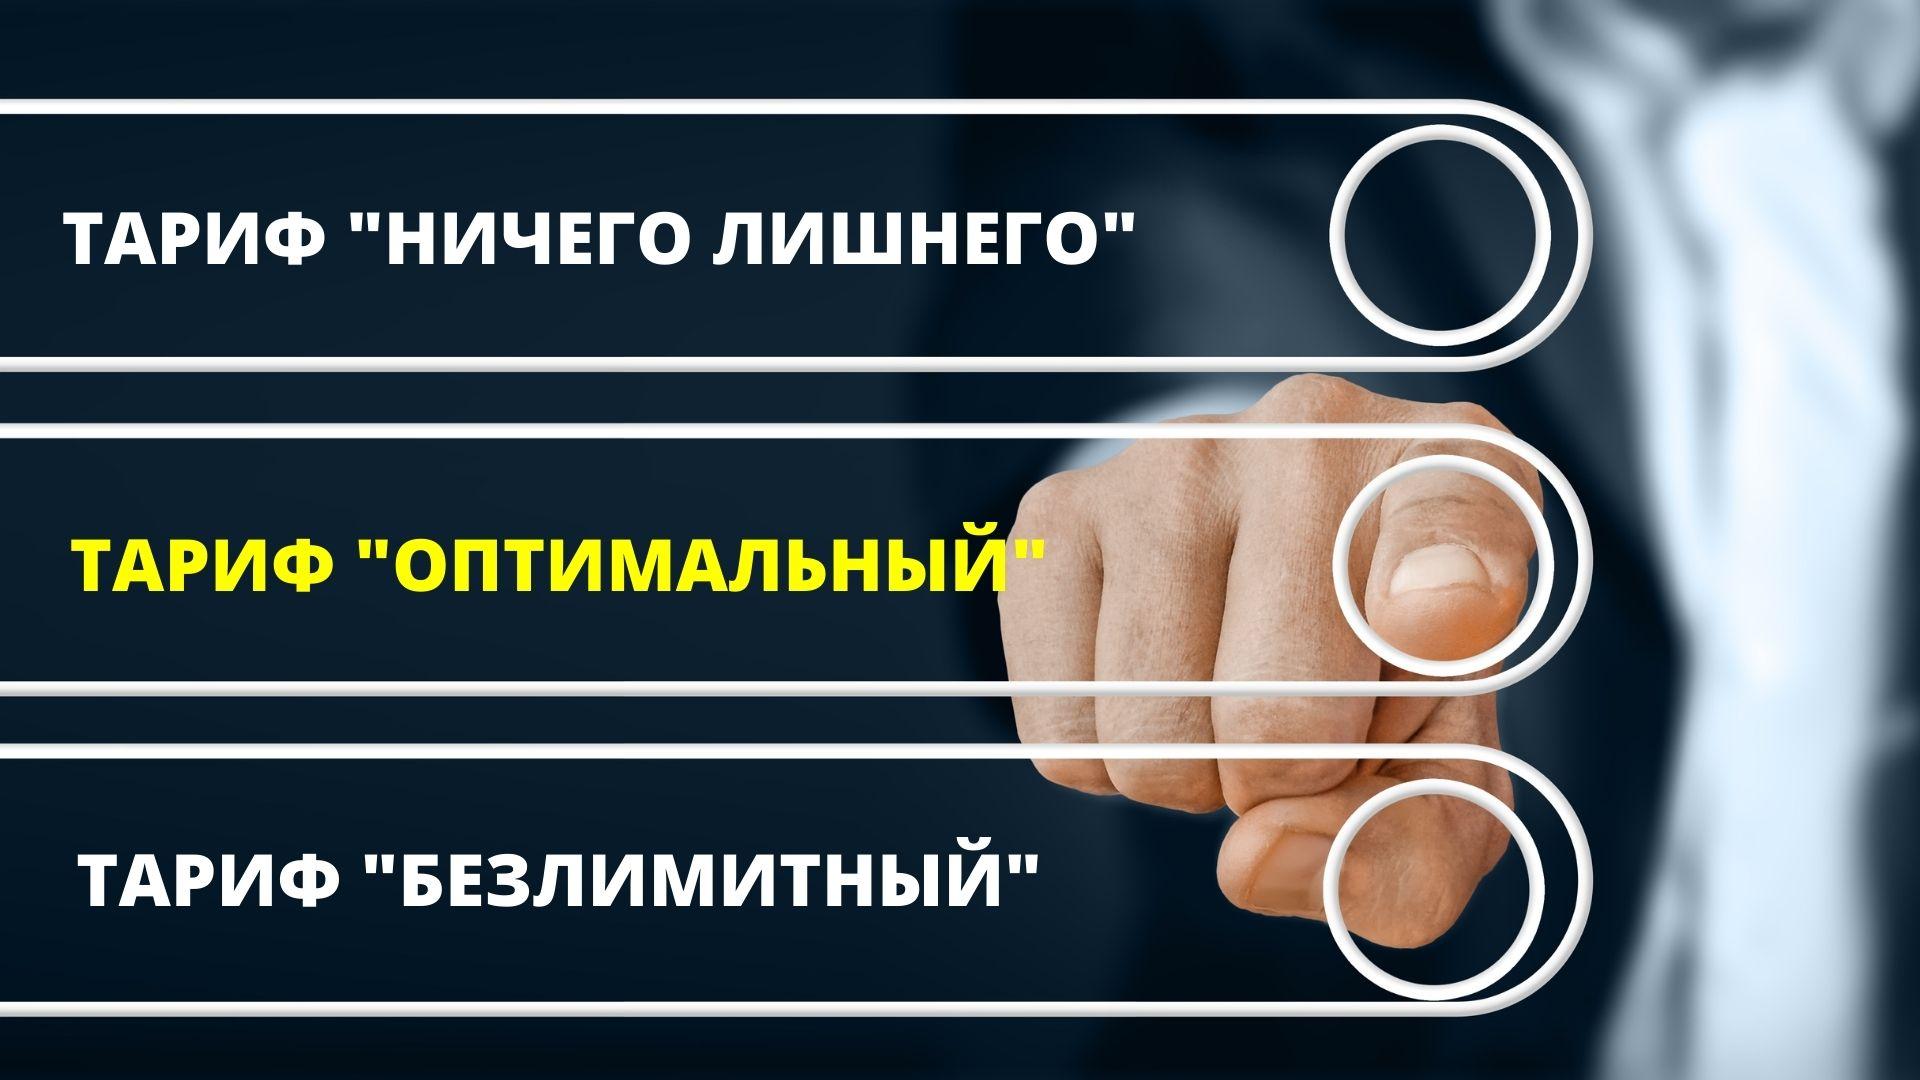 Модуль банк. Как открыть онлайн расчетный счет для ИП и ООО